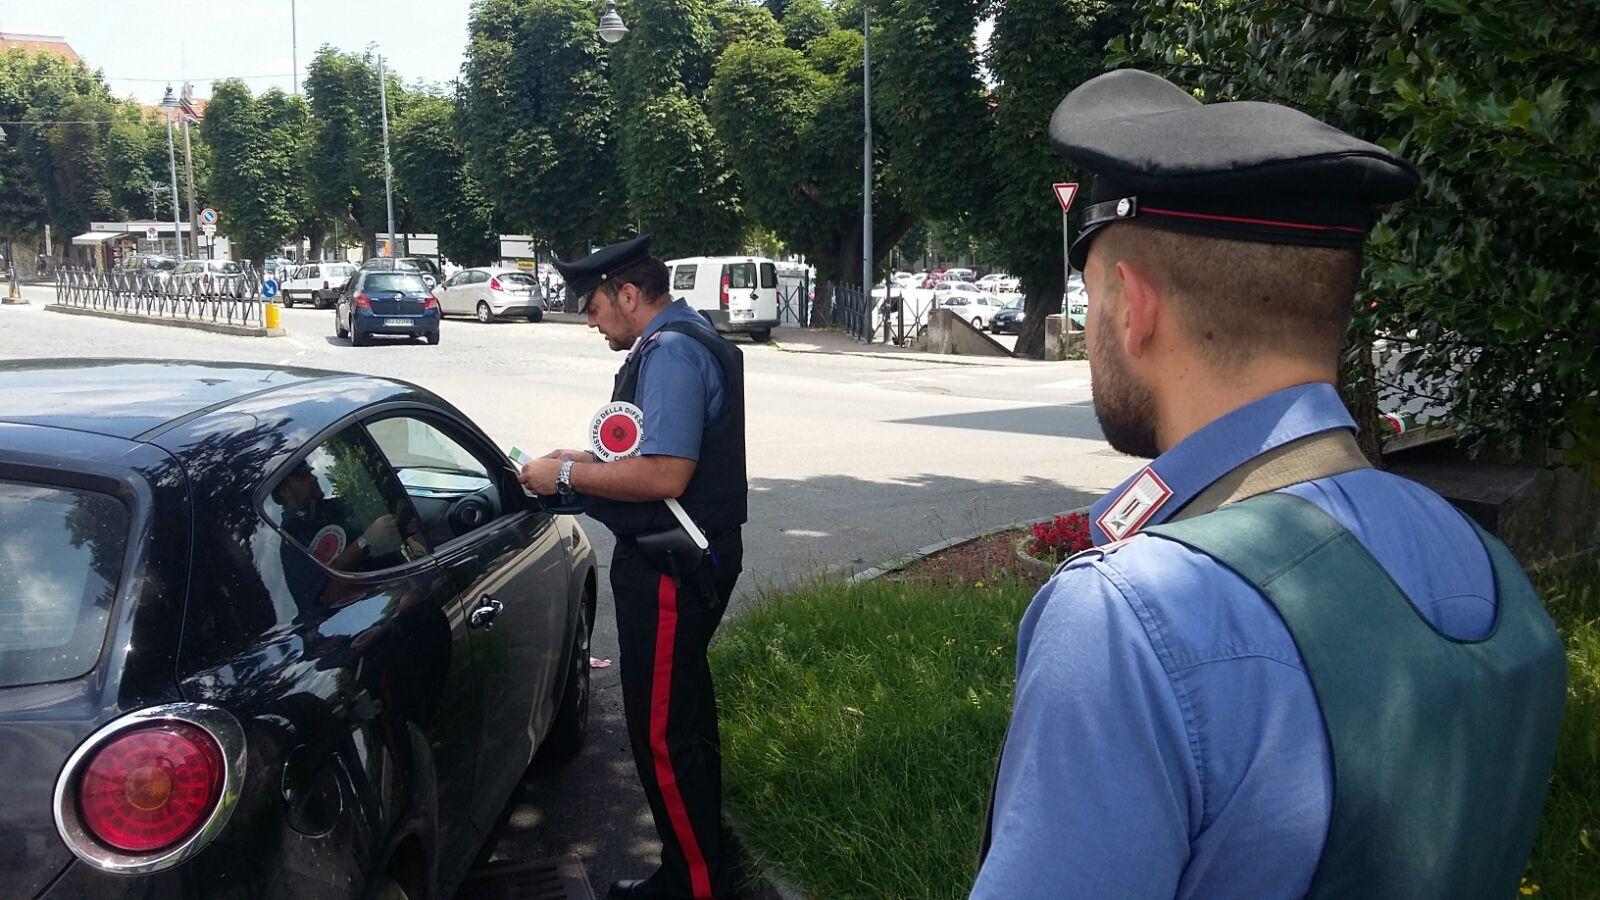 MAPPANO - Viaggia con la droga in auto: un 44enne arrestato